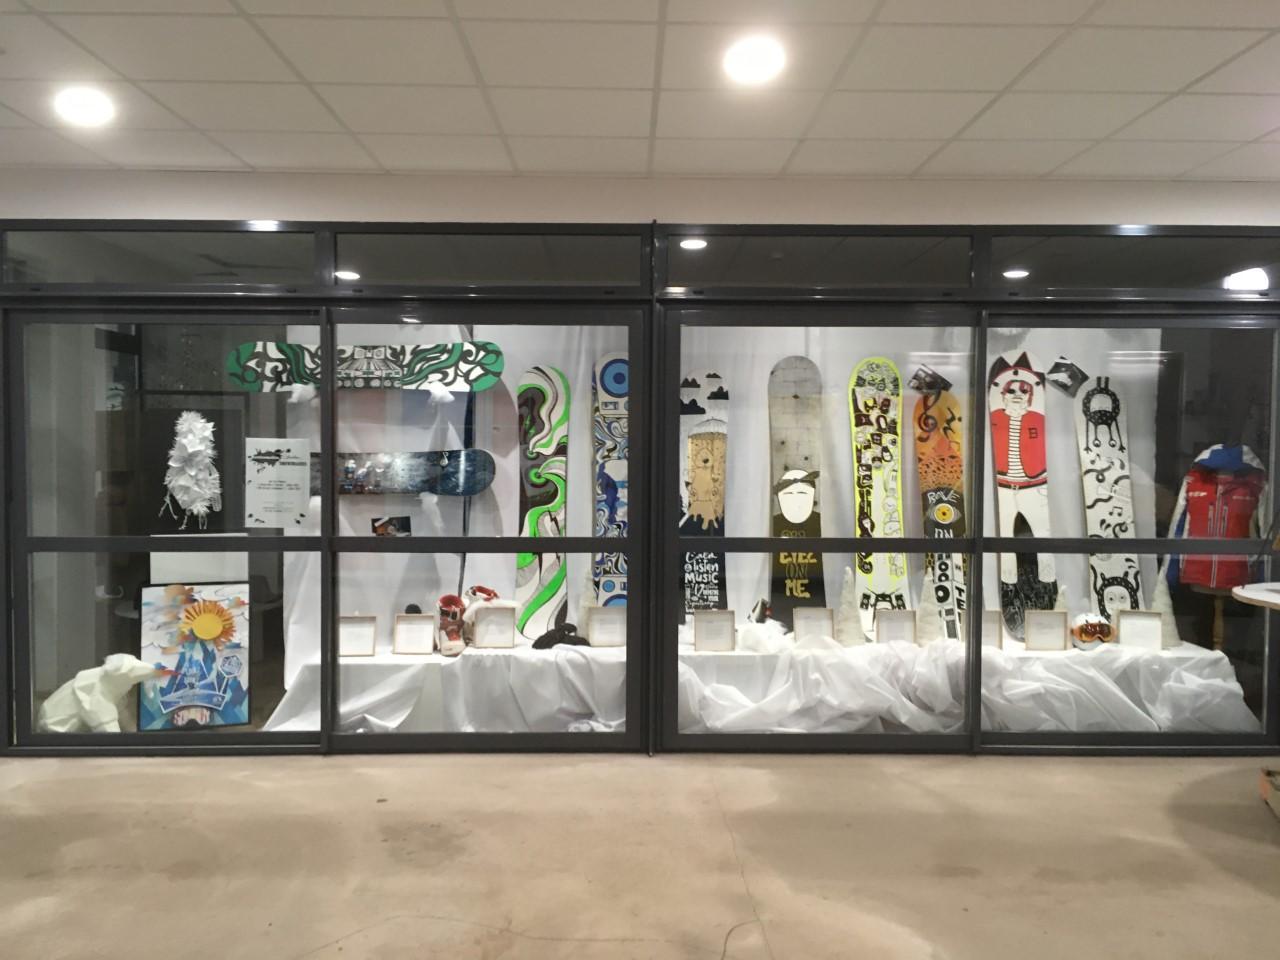 Focus sur les arts & design au lycée professionnel La Fontaine de Faverges